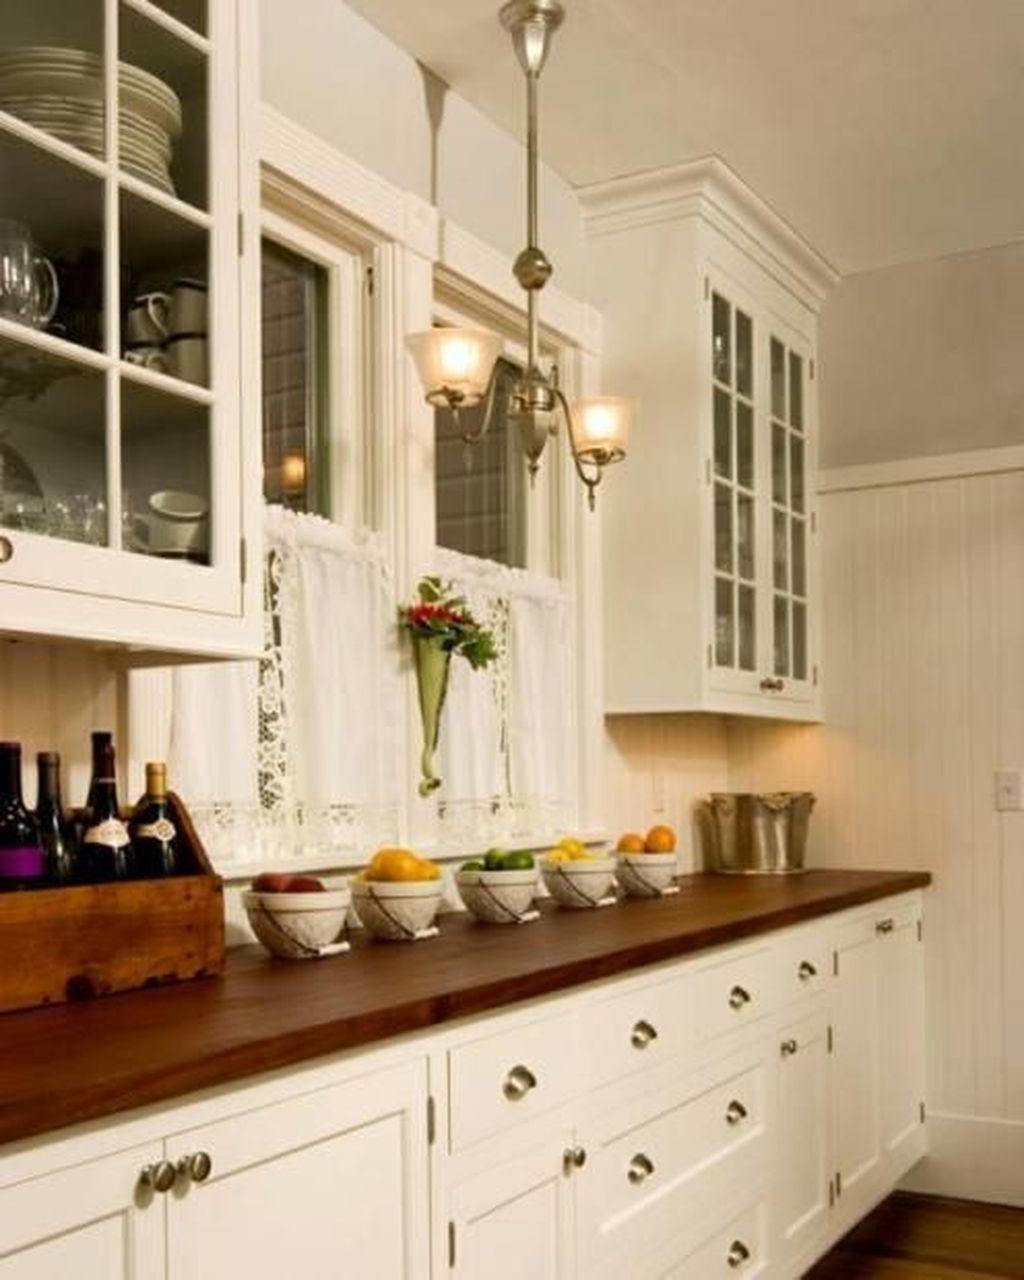 European Style Kitchen Remodeling Ideas: 20+ Gorgeous Traditional Kitchen Design Ideas